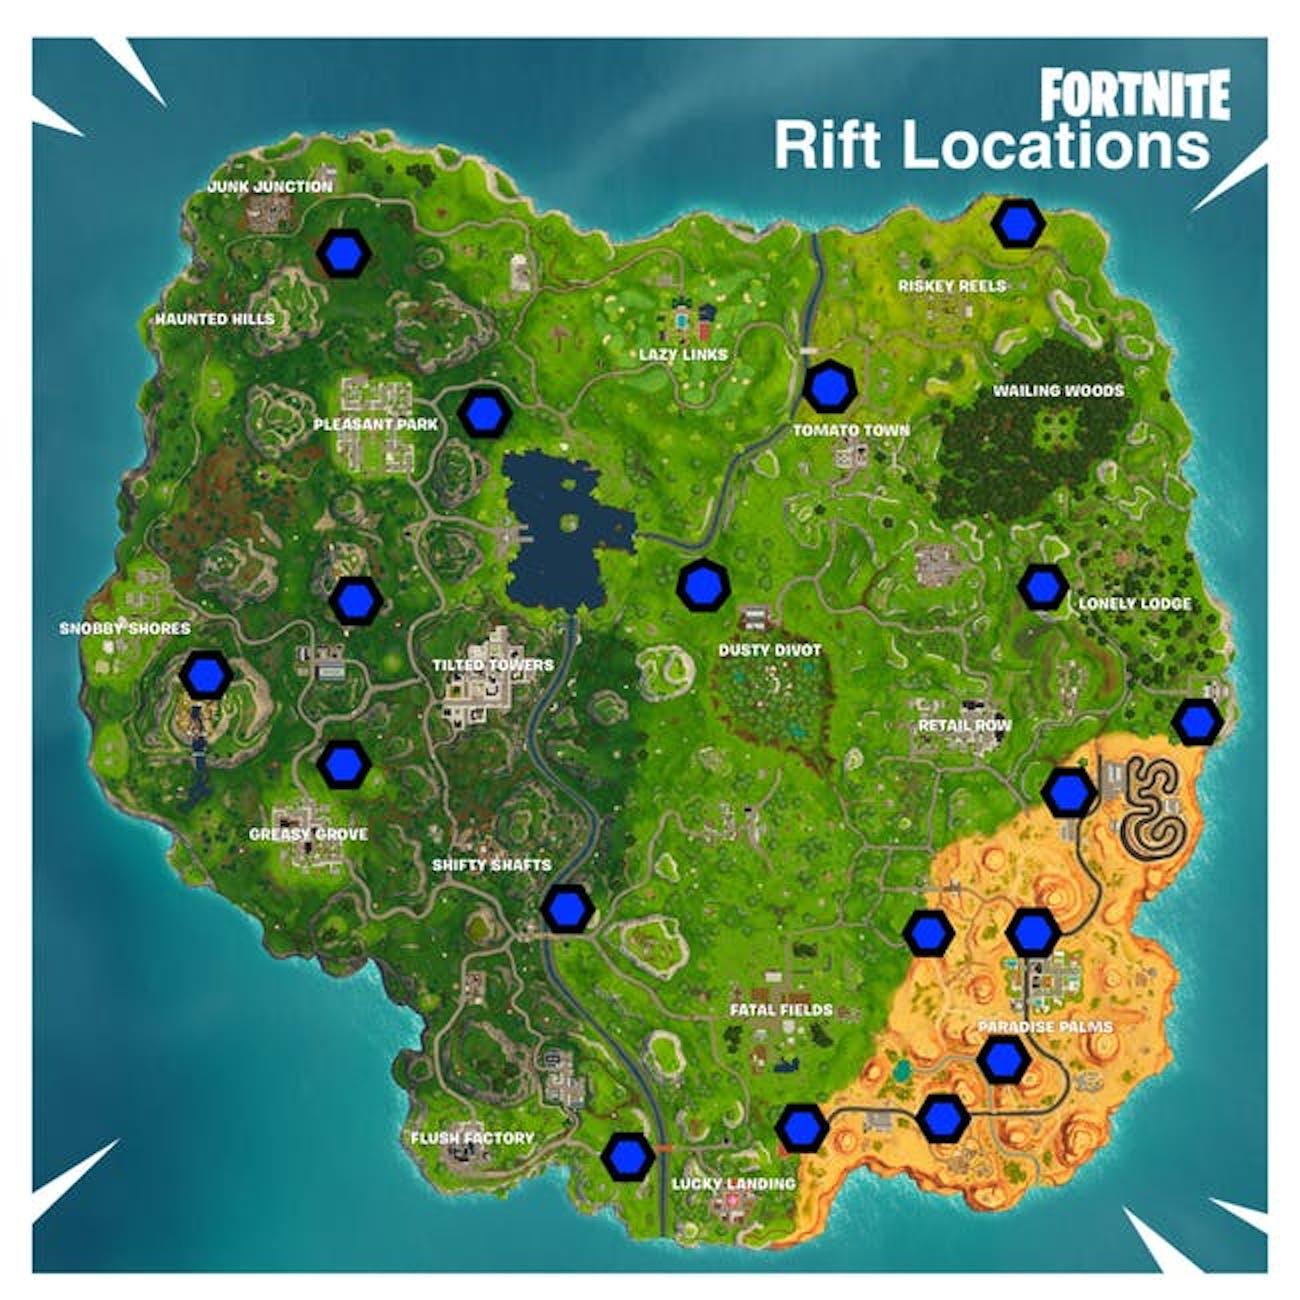 'Fortnite' Rift Map